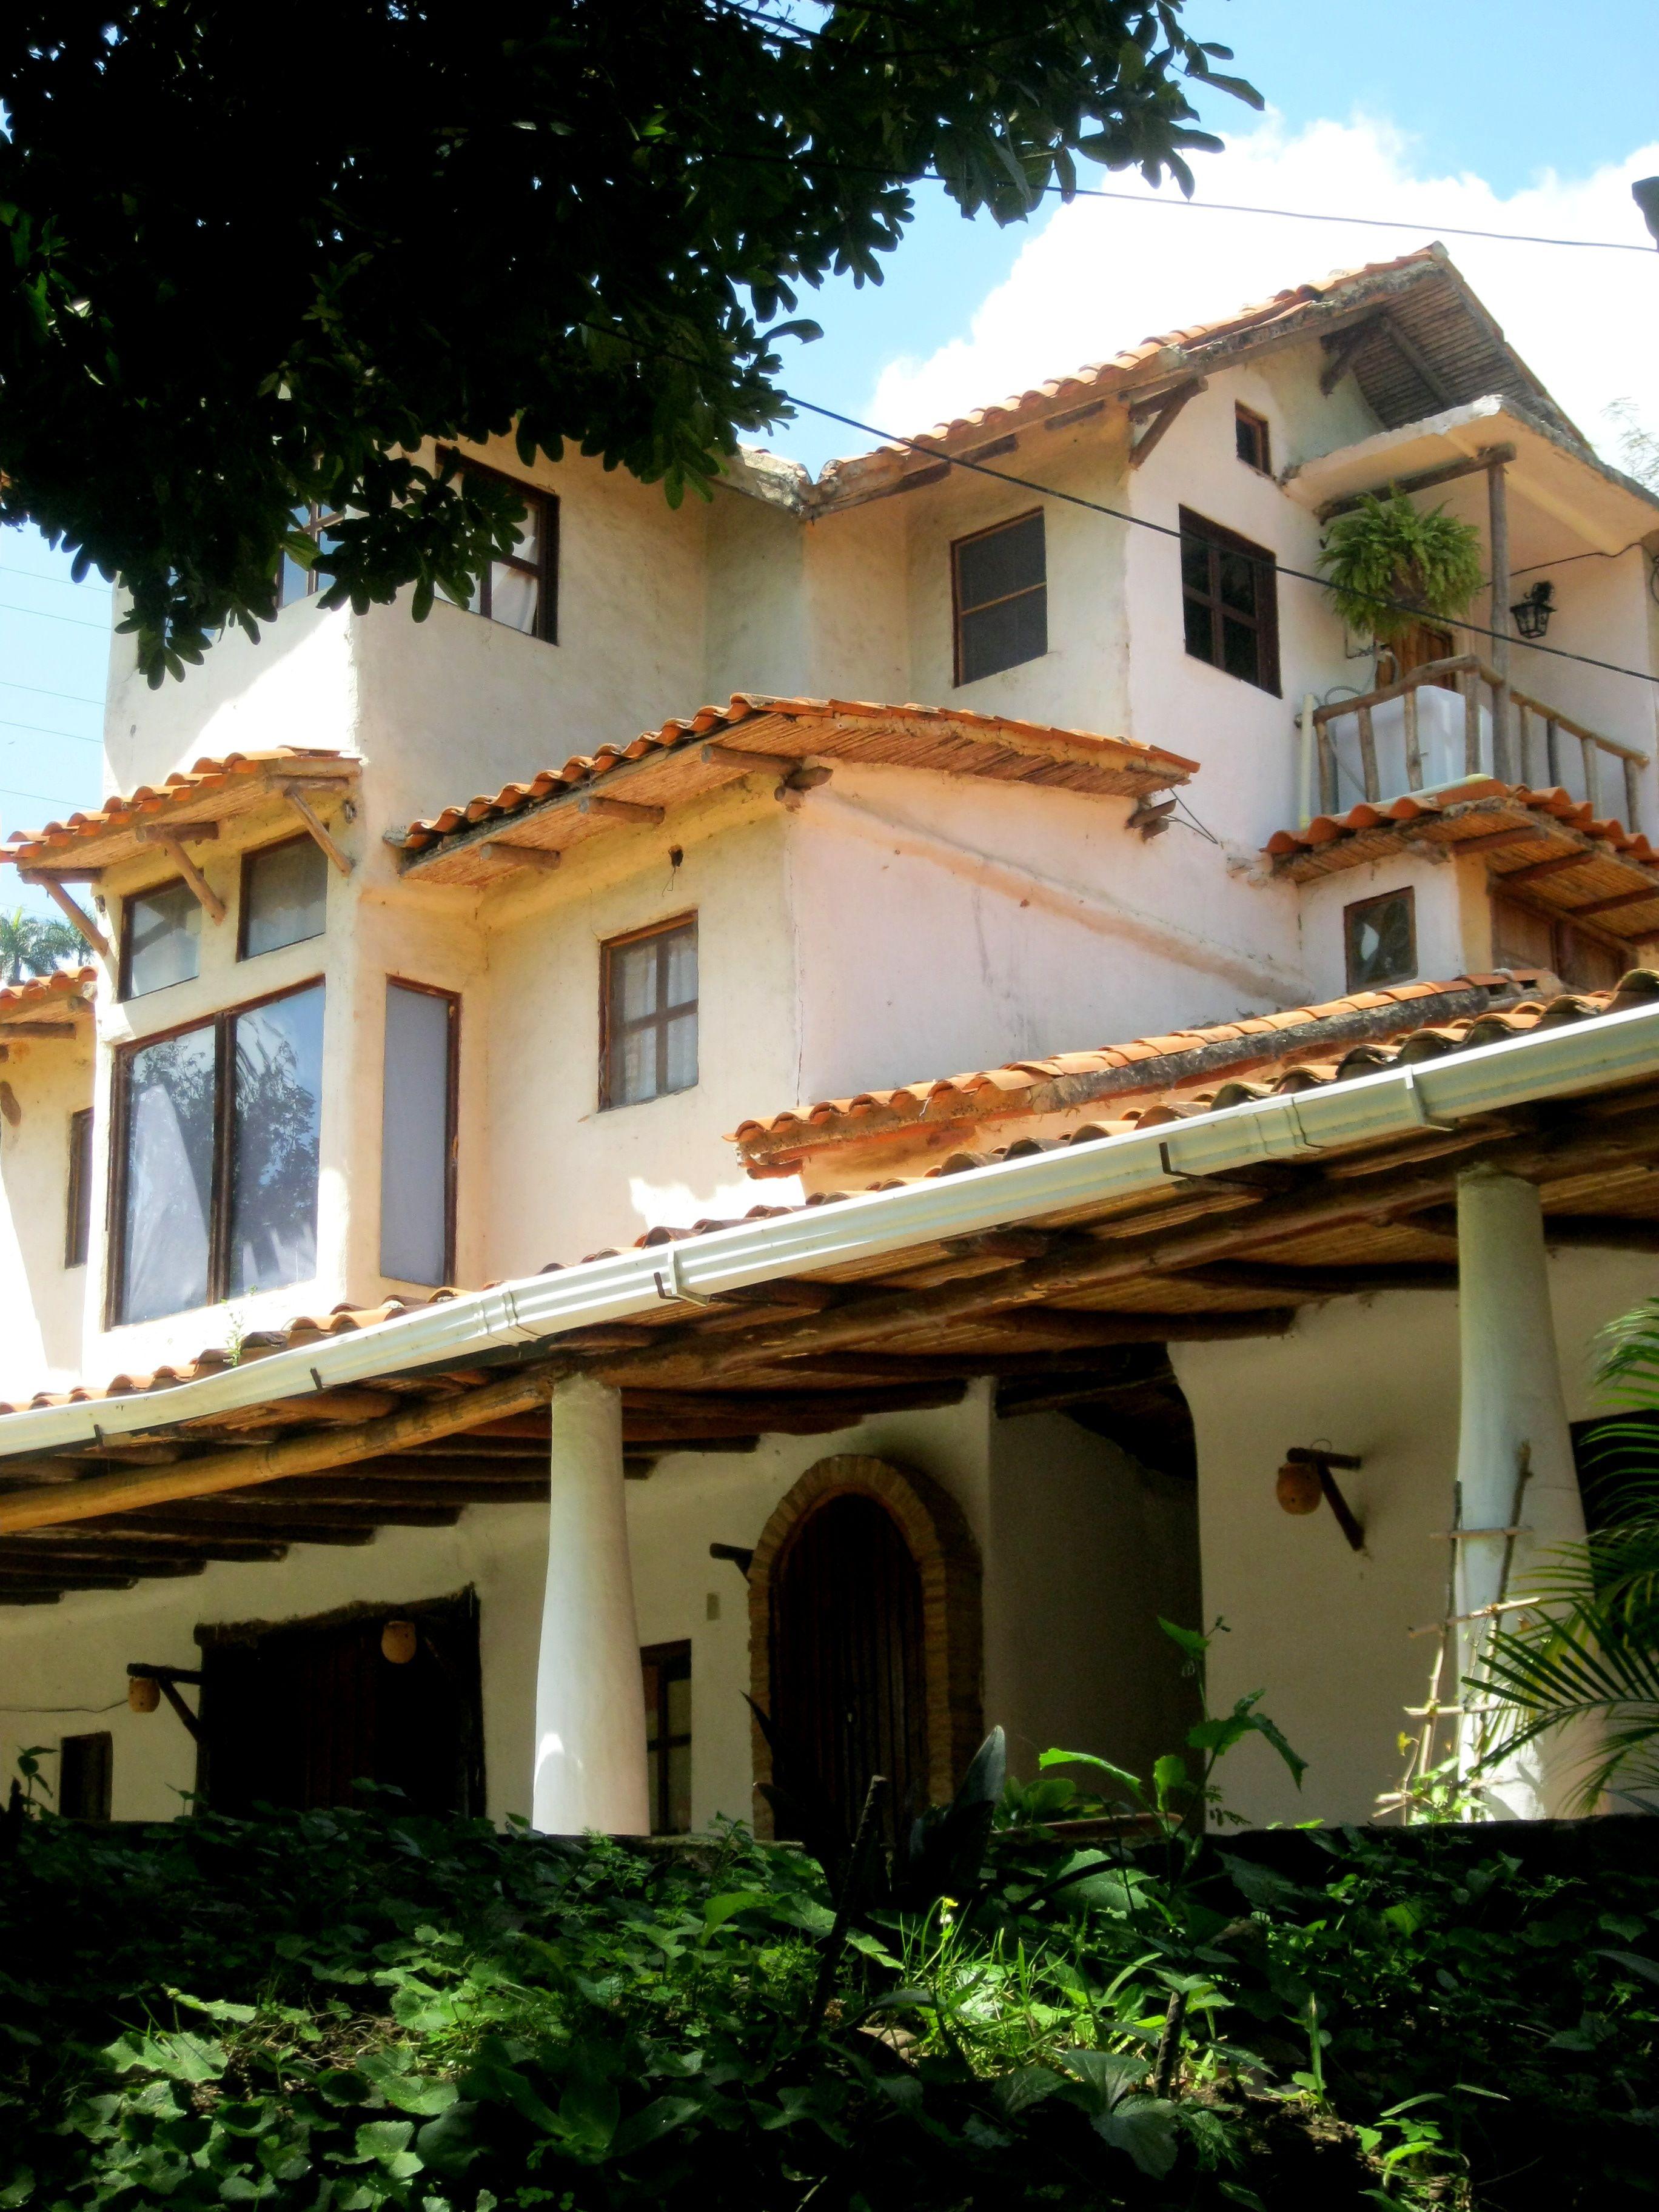 tomada por mi D old house in Maracacuay, Caracas